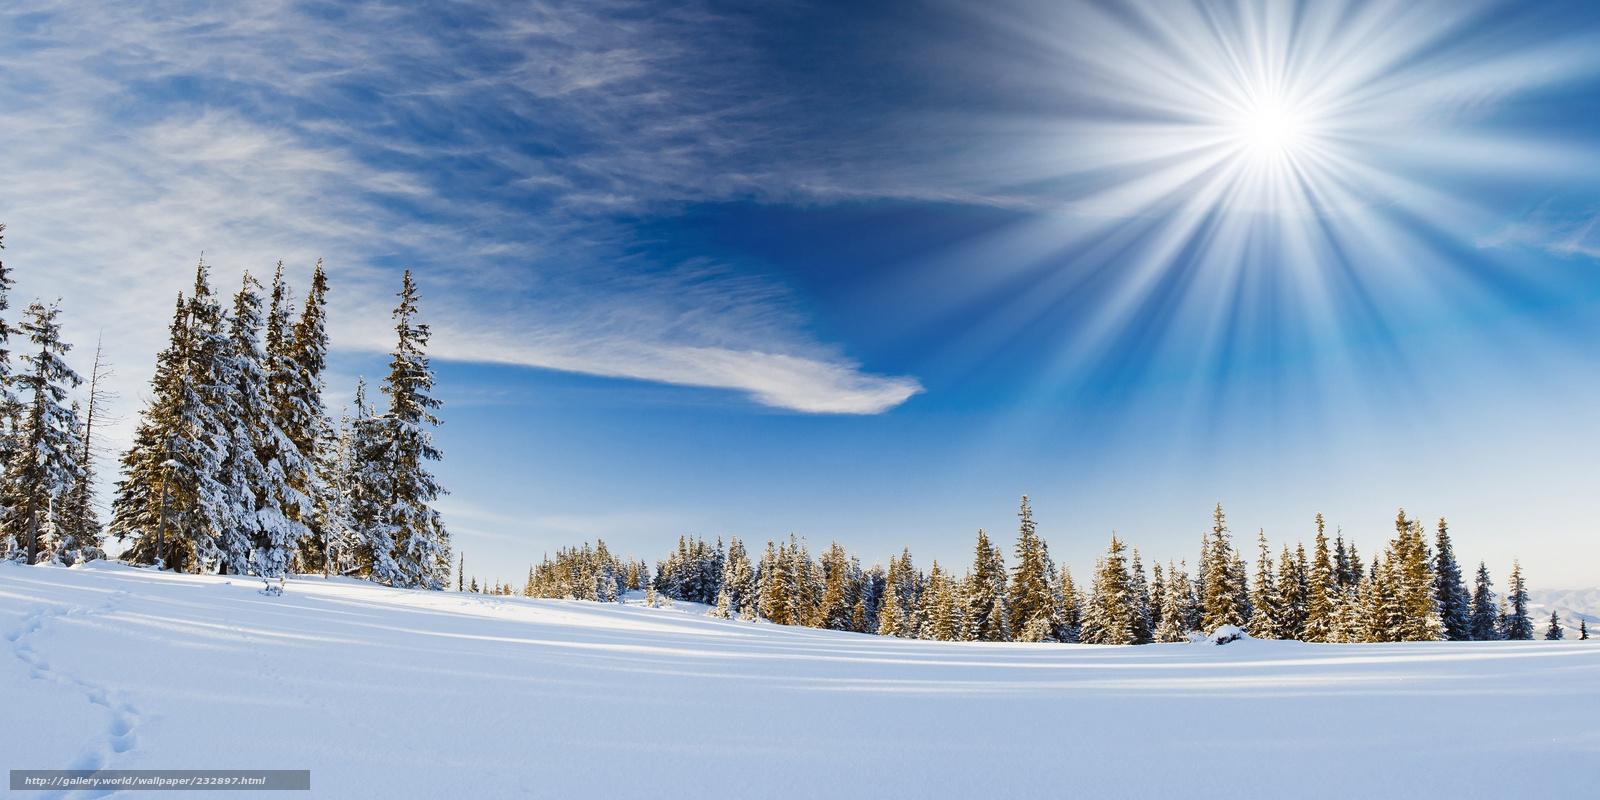 Scaricare gli sfondi paesaggi natura inverno inverno for Sfondi gratis desktop inverno